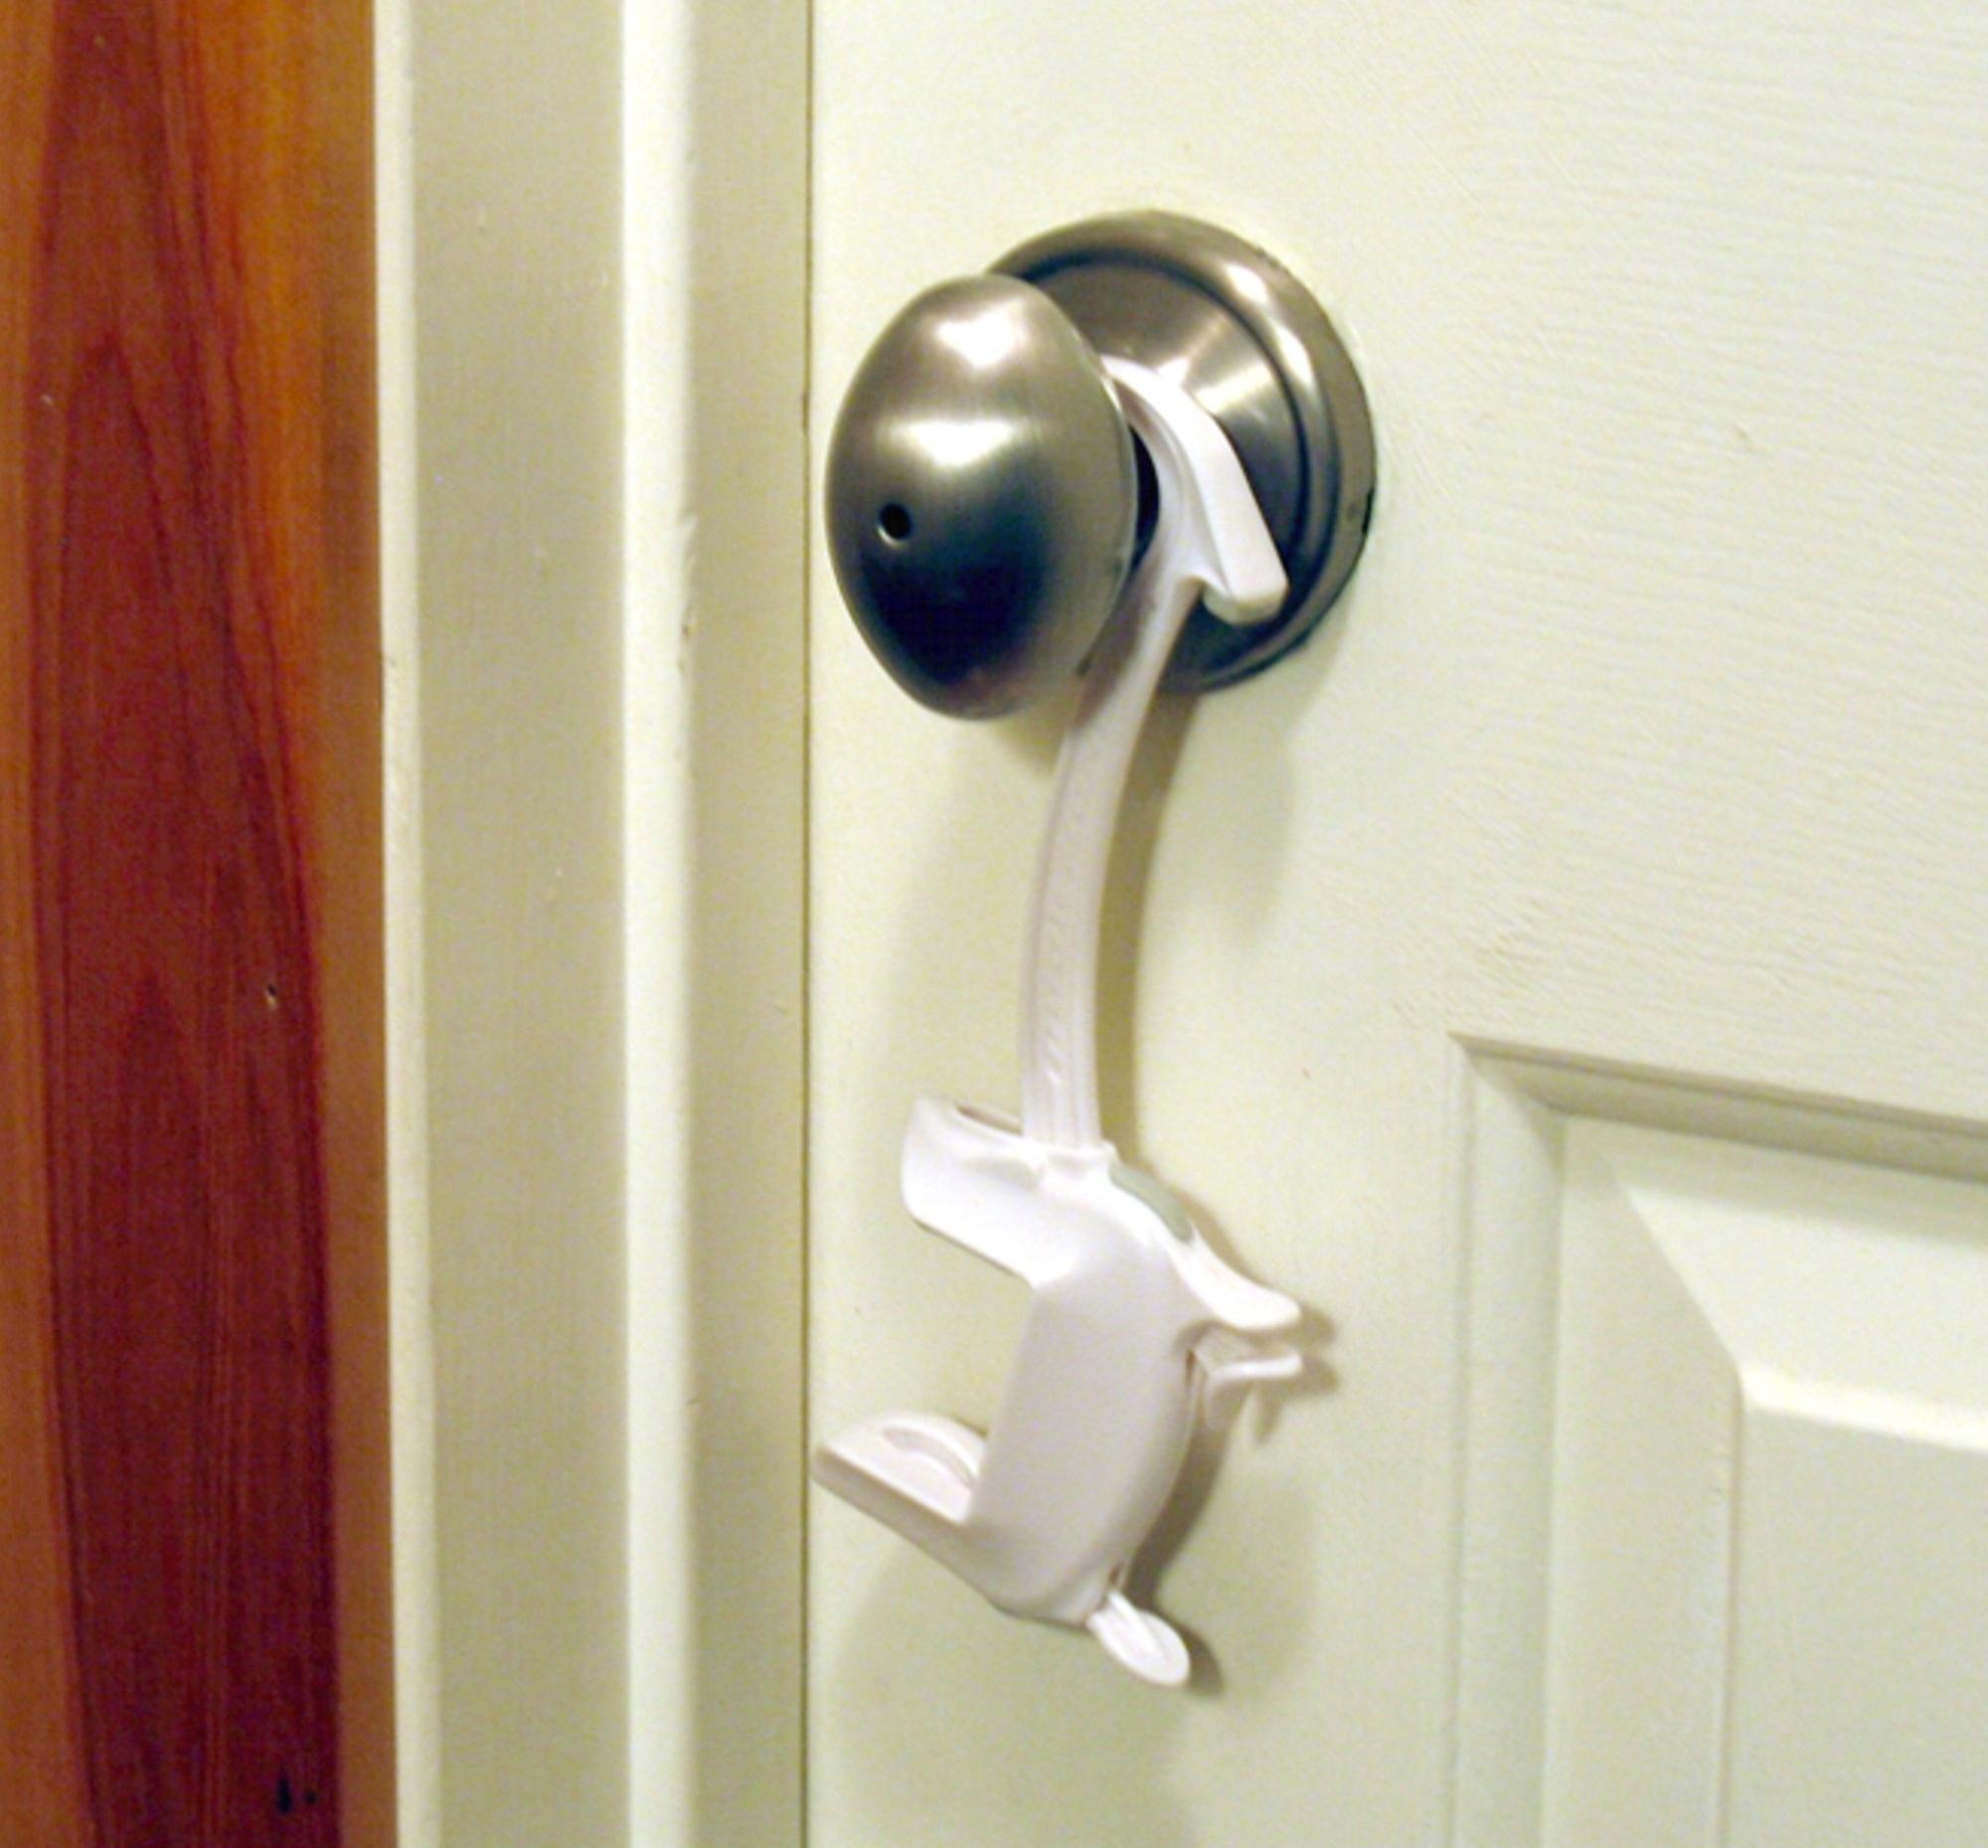 child safety door knob photo - 12